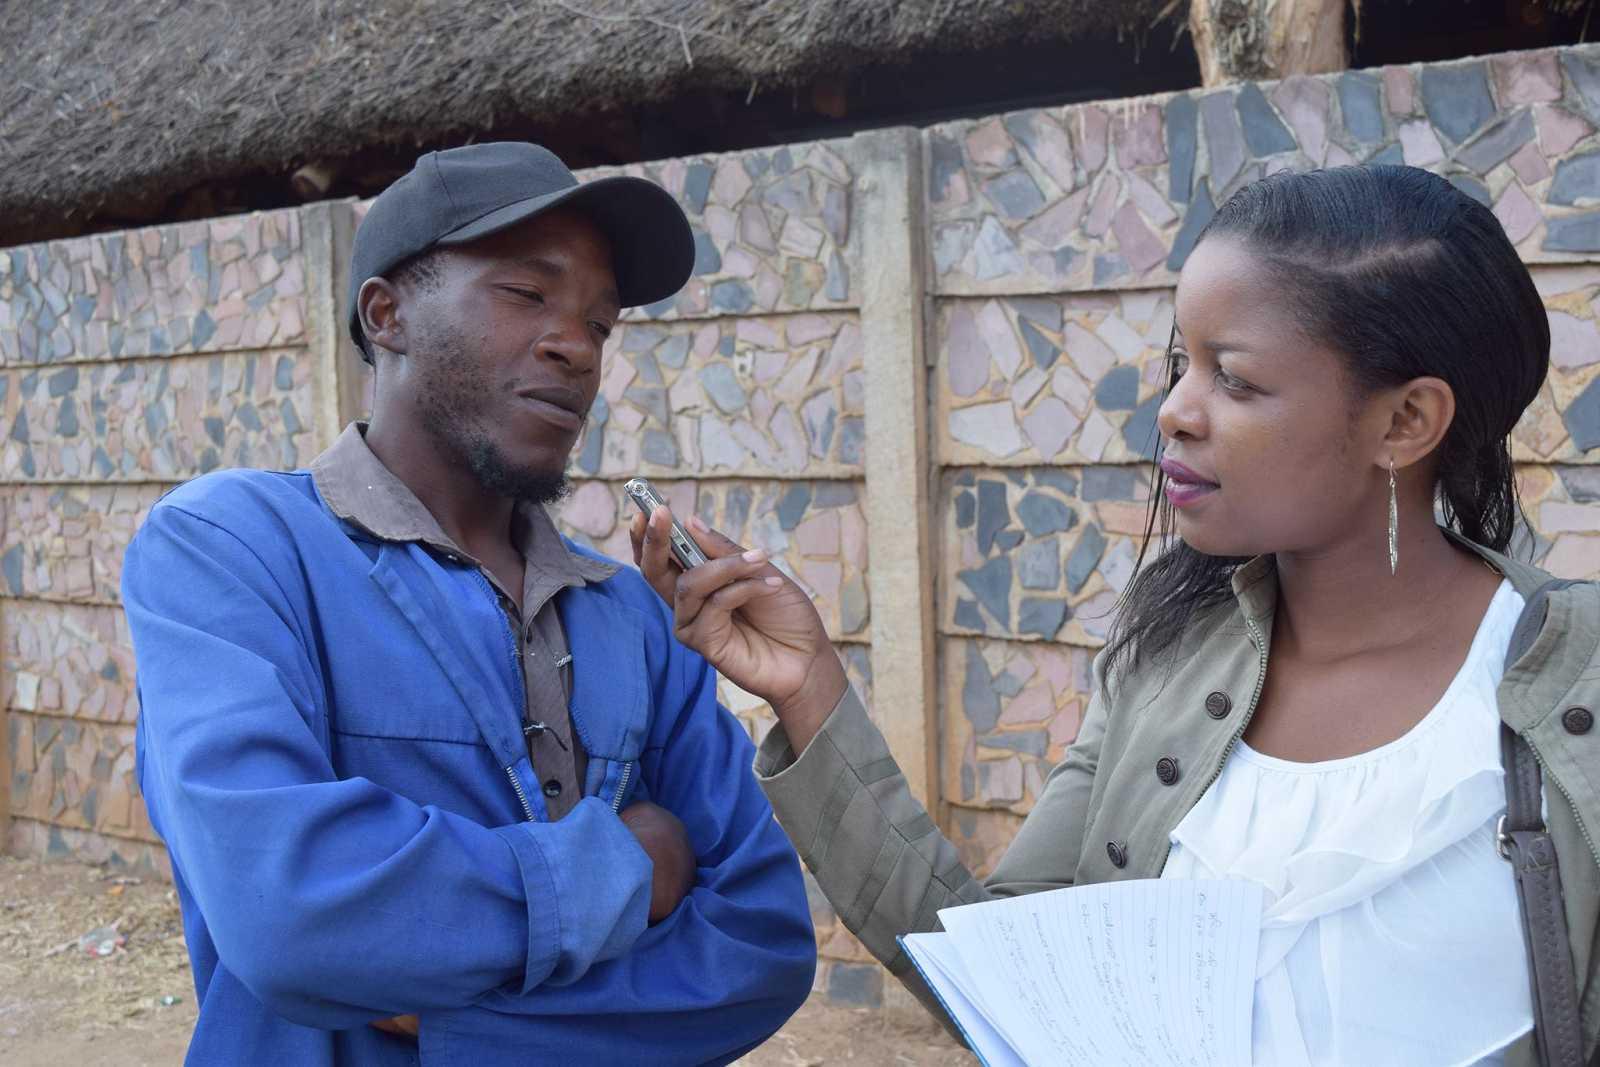 Periodismo local desde zonas empobrecidas. Global Press